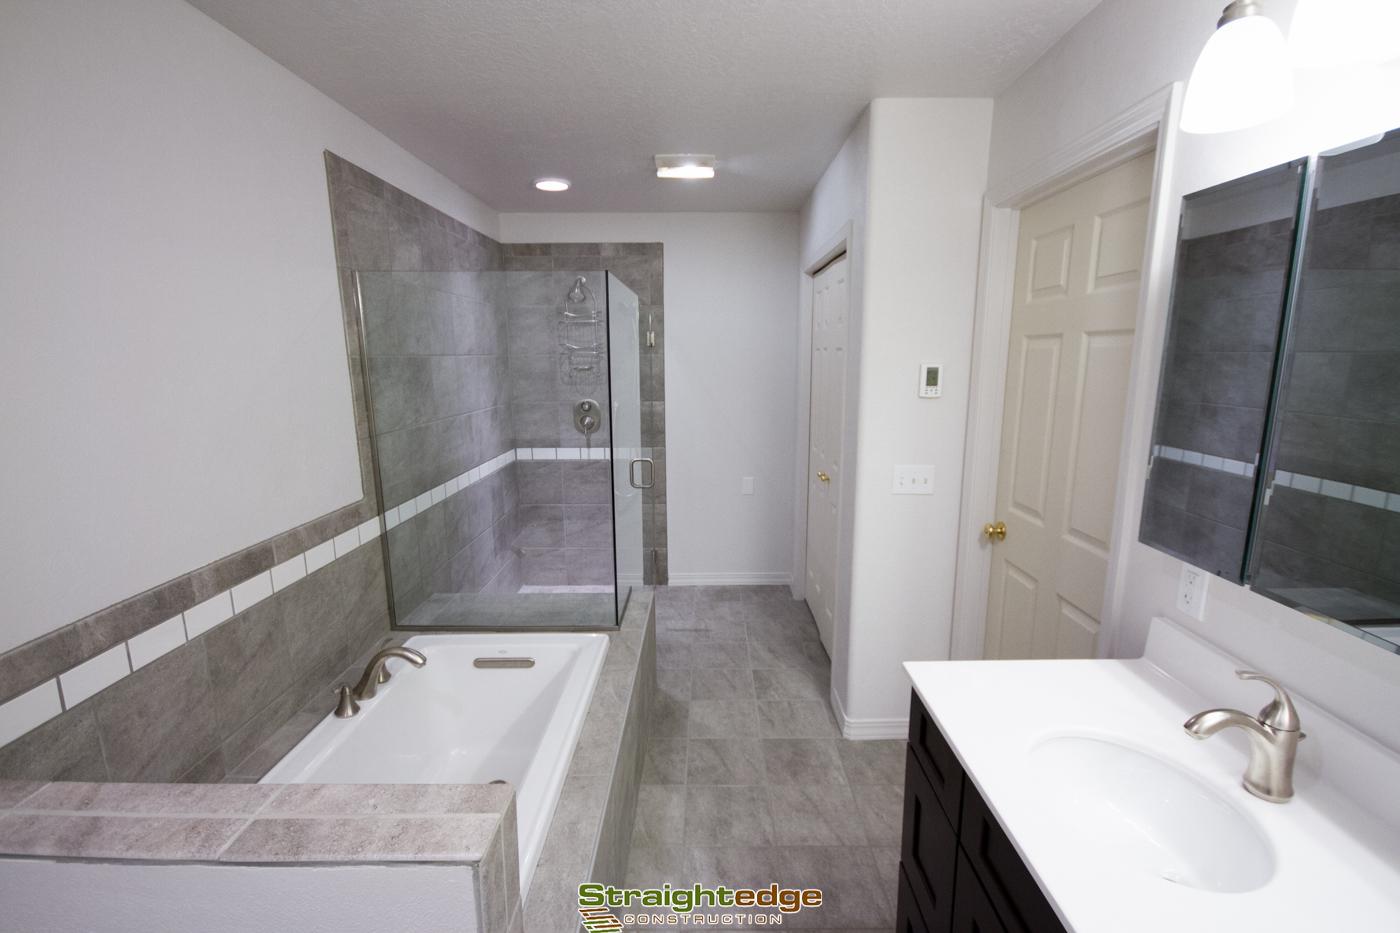 St. Ignatius Bathroom Remodel